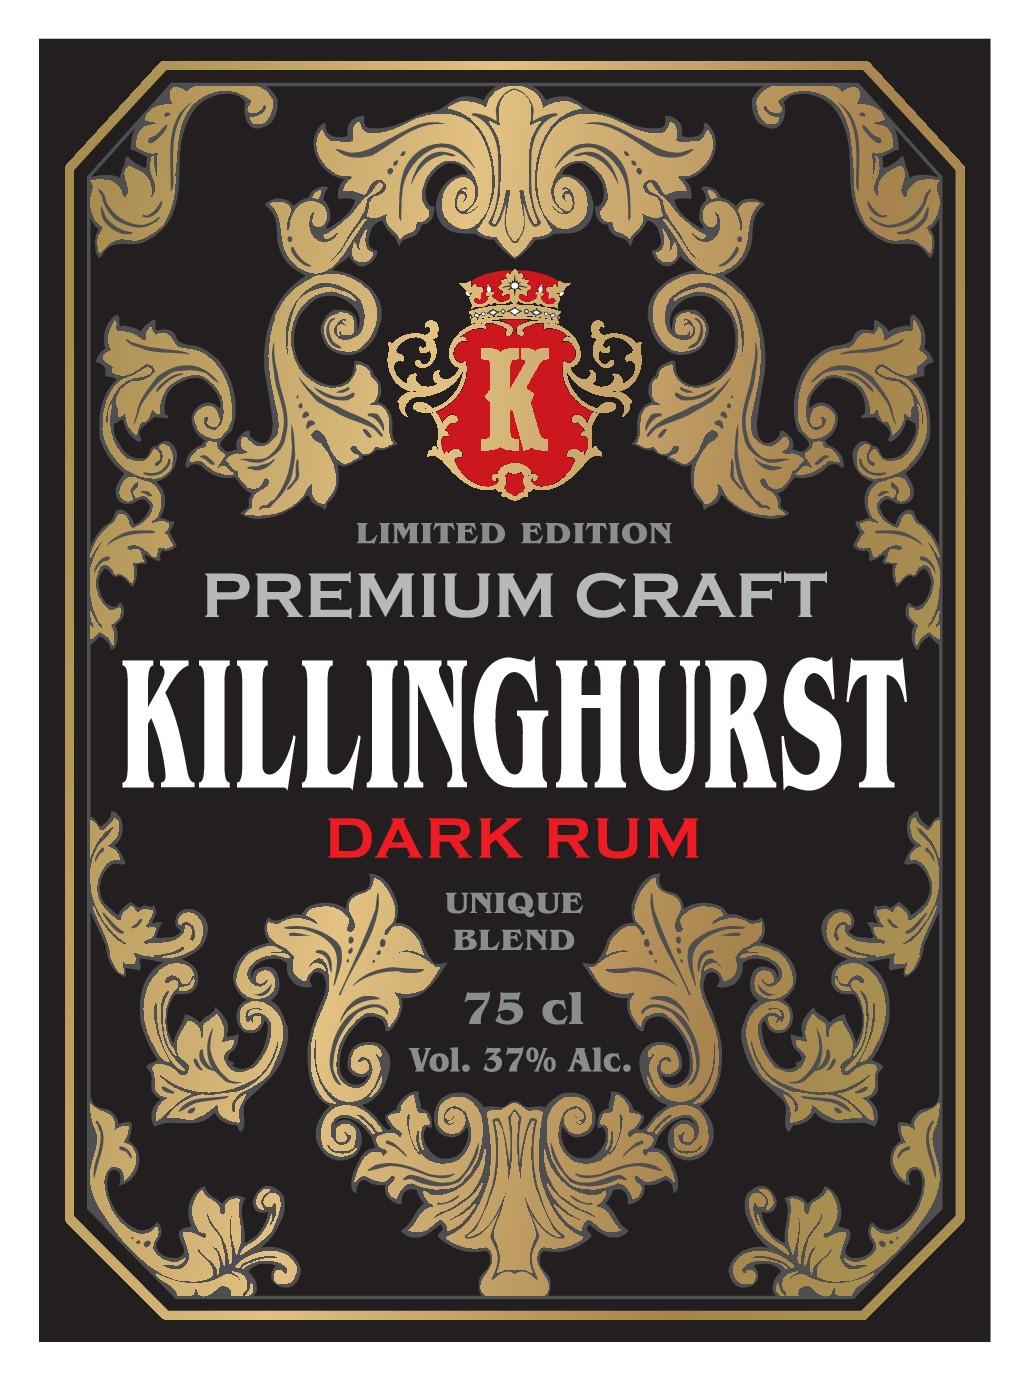 Killinghurst Rum - New Craft Rum Brand Design Competition